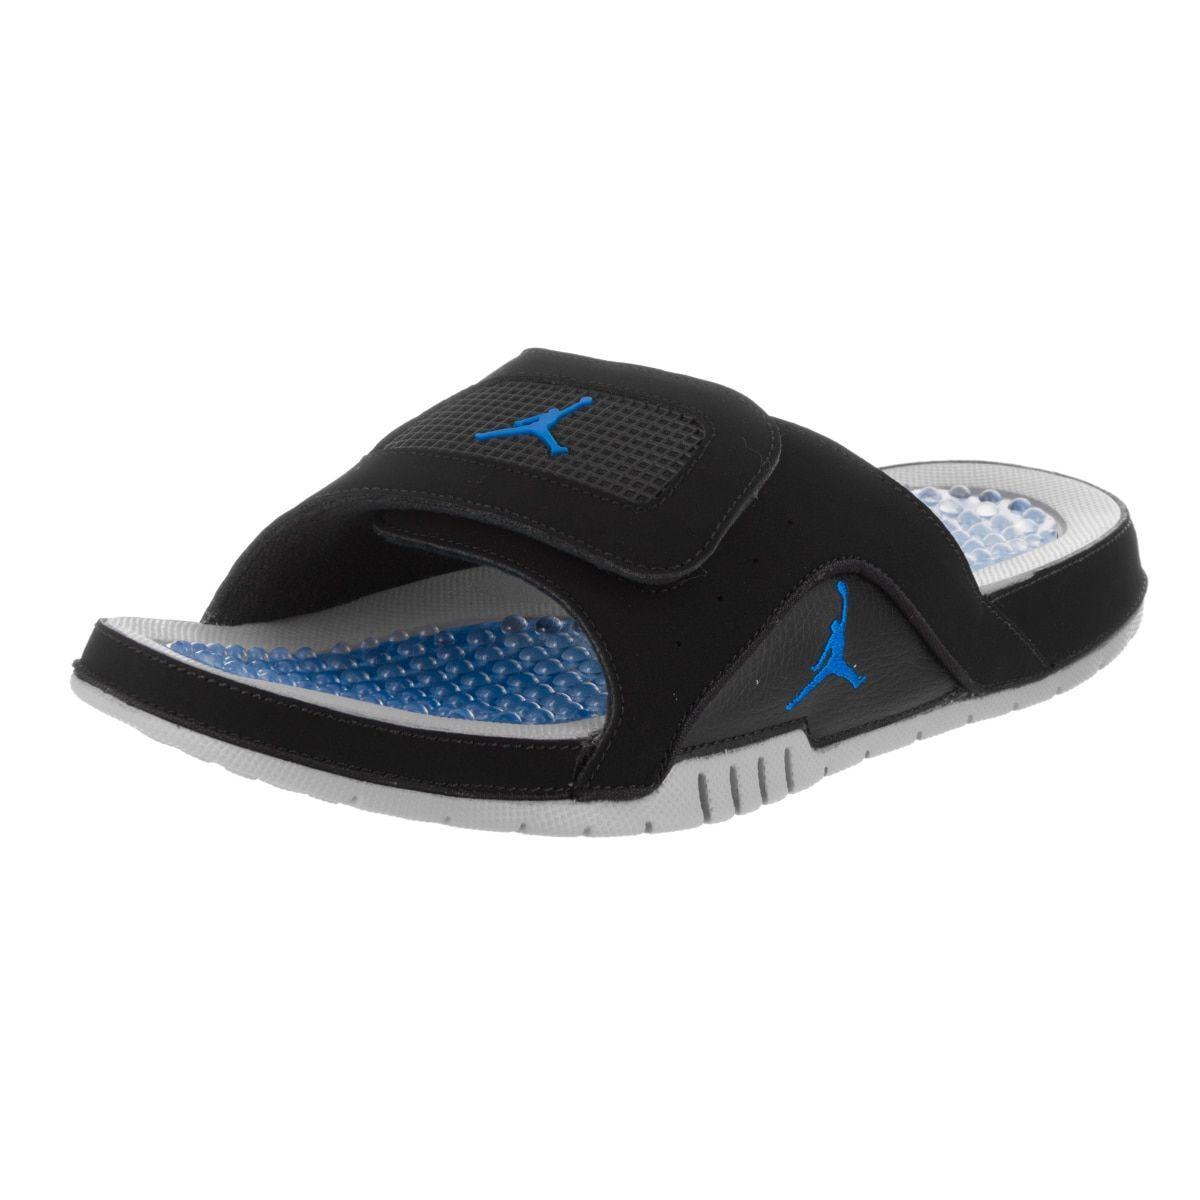 7f5cf037b1b94 Nike Men s Jordan Hydro IV Retro Sandal